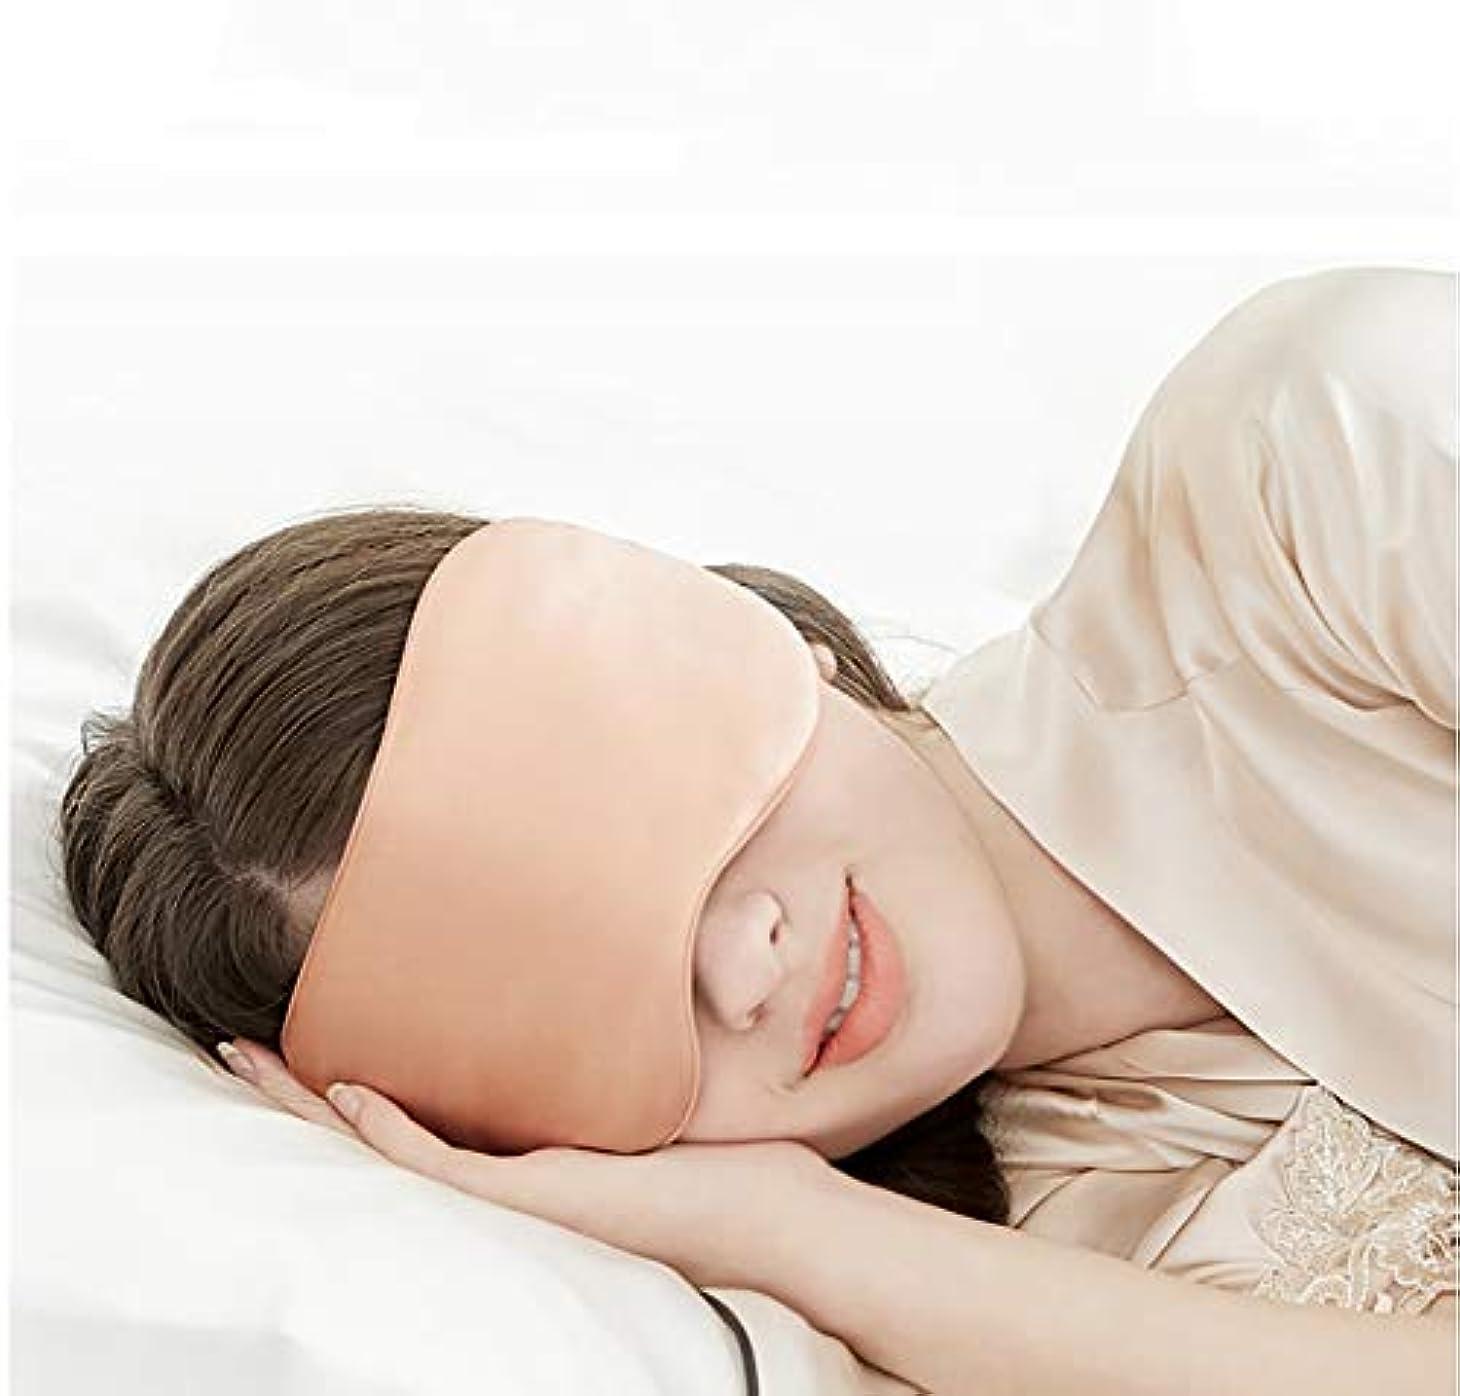 ビリー滴下壊滅的なスチームホットアイマスクアイマッサージャーシルクインテリジェント温度制御軽量調整可能洗える目の疲れを軽減